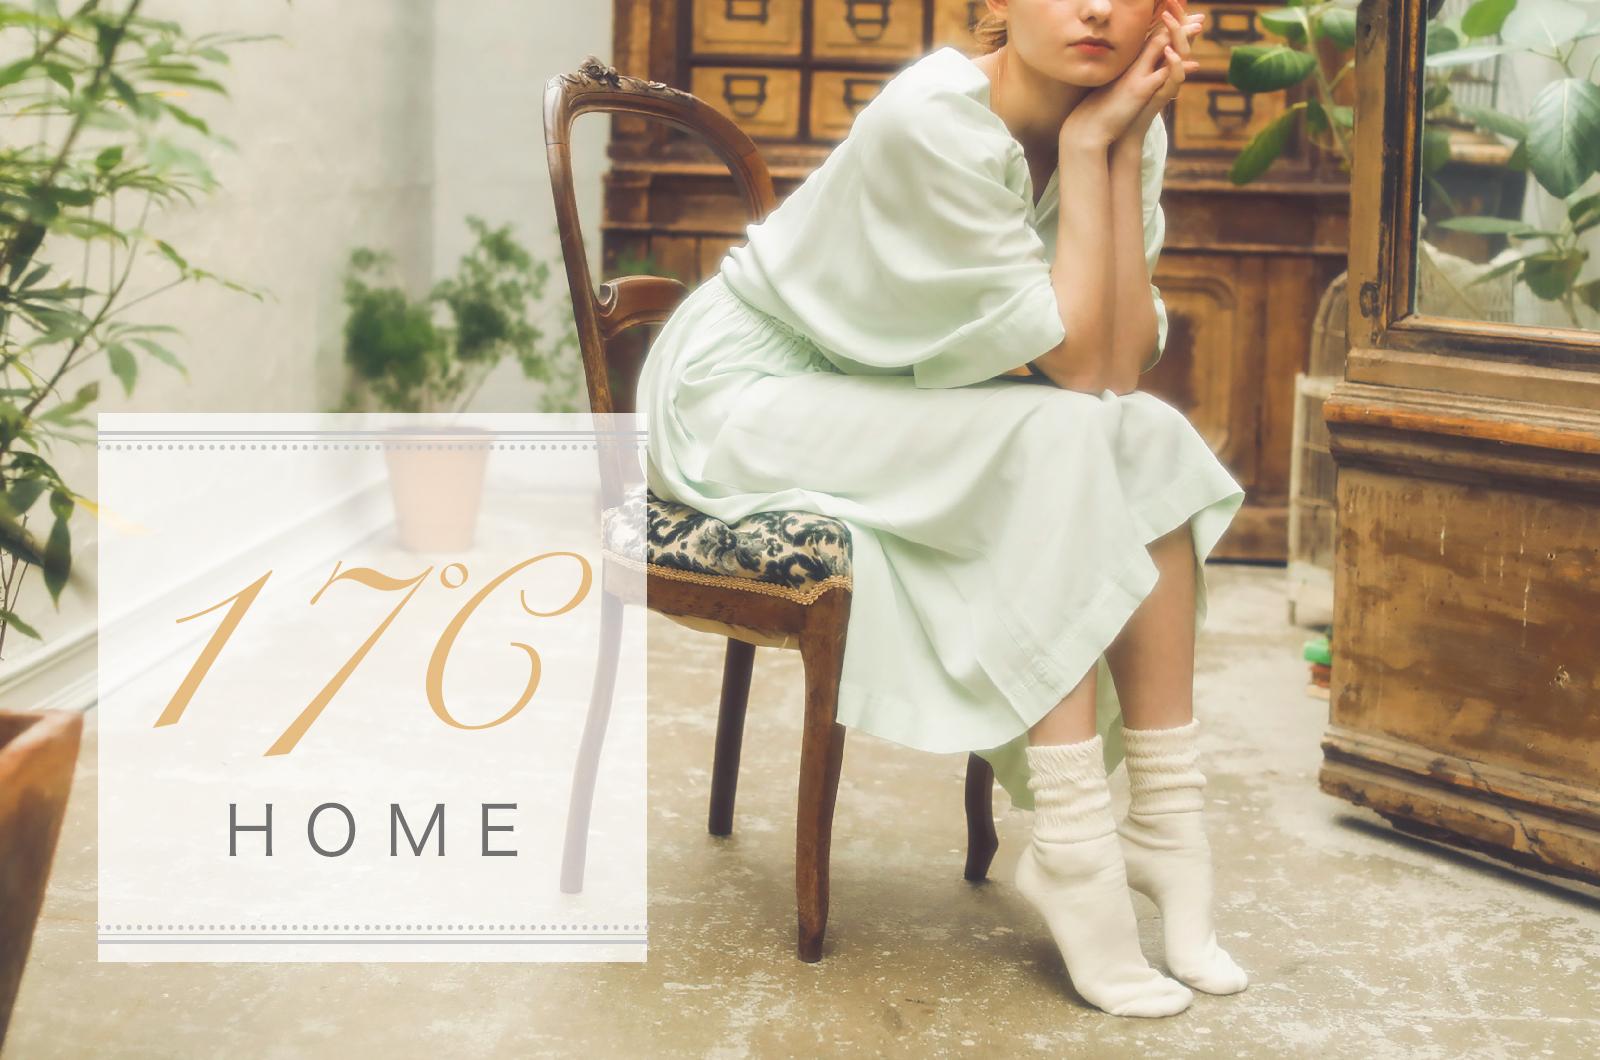 17℃HOME -かわいさと心地良さを手に入れてお家時間をハッピーに- イメージ画像